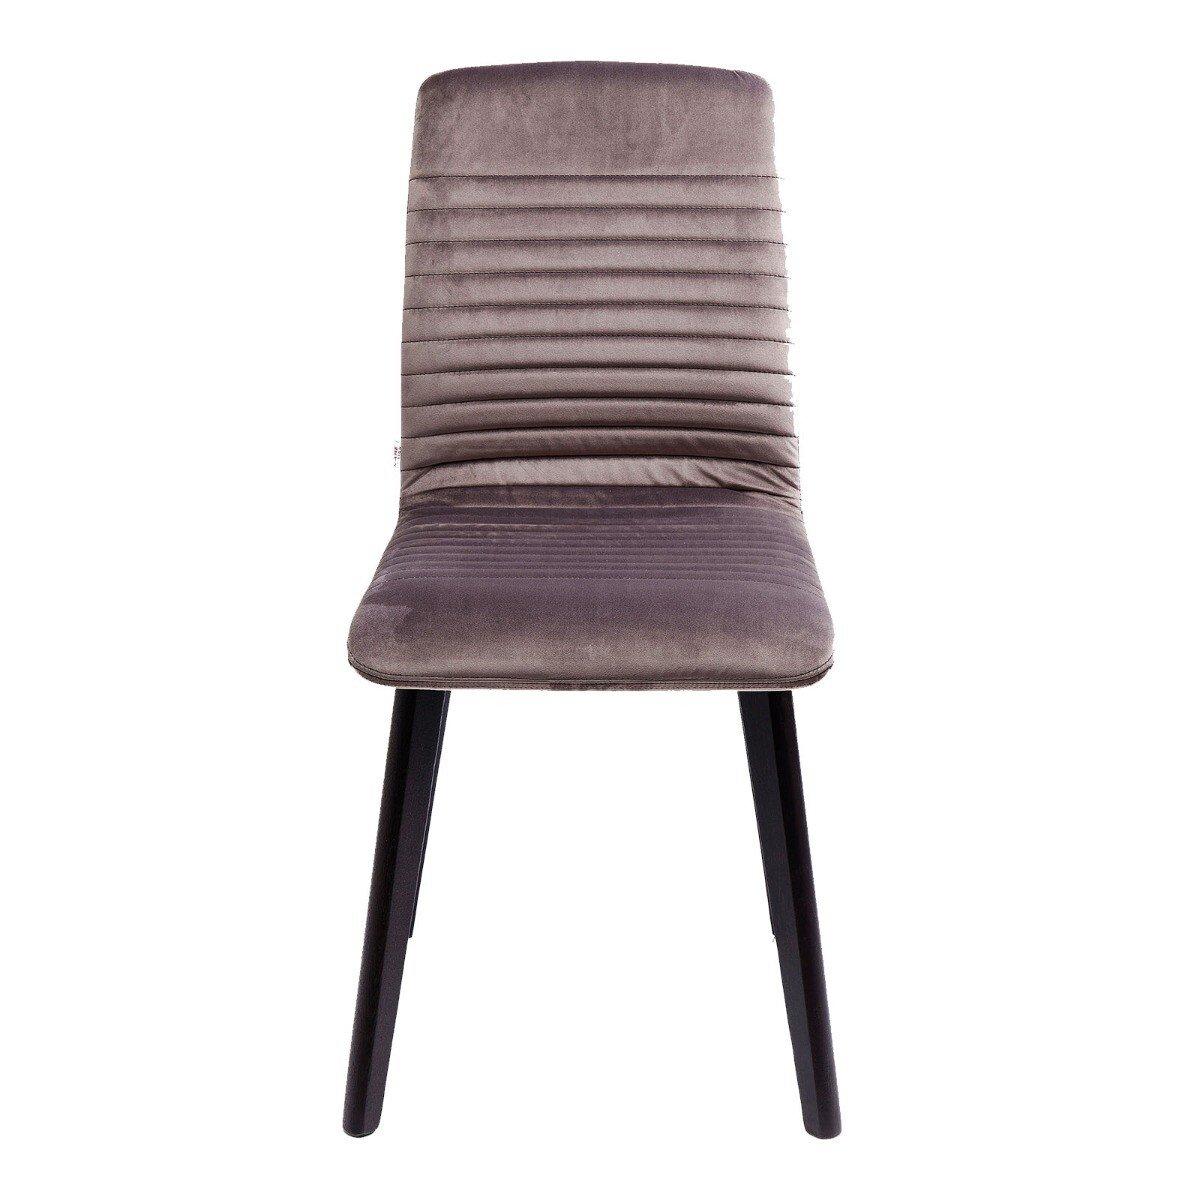 Kare Design eetkamerstoel lara fluweel grijs 92 x 44 x 45